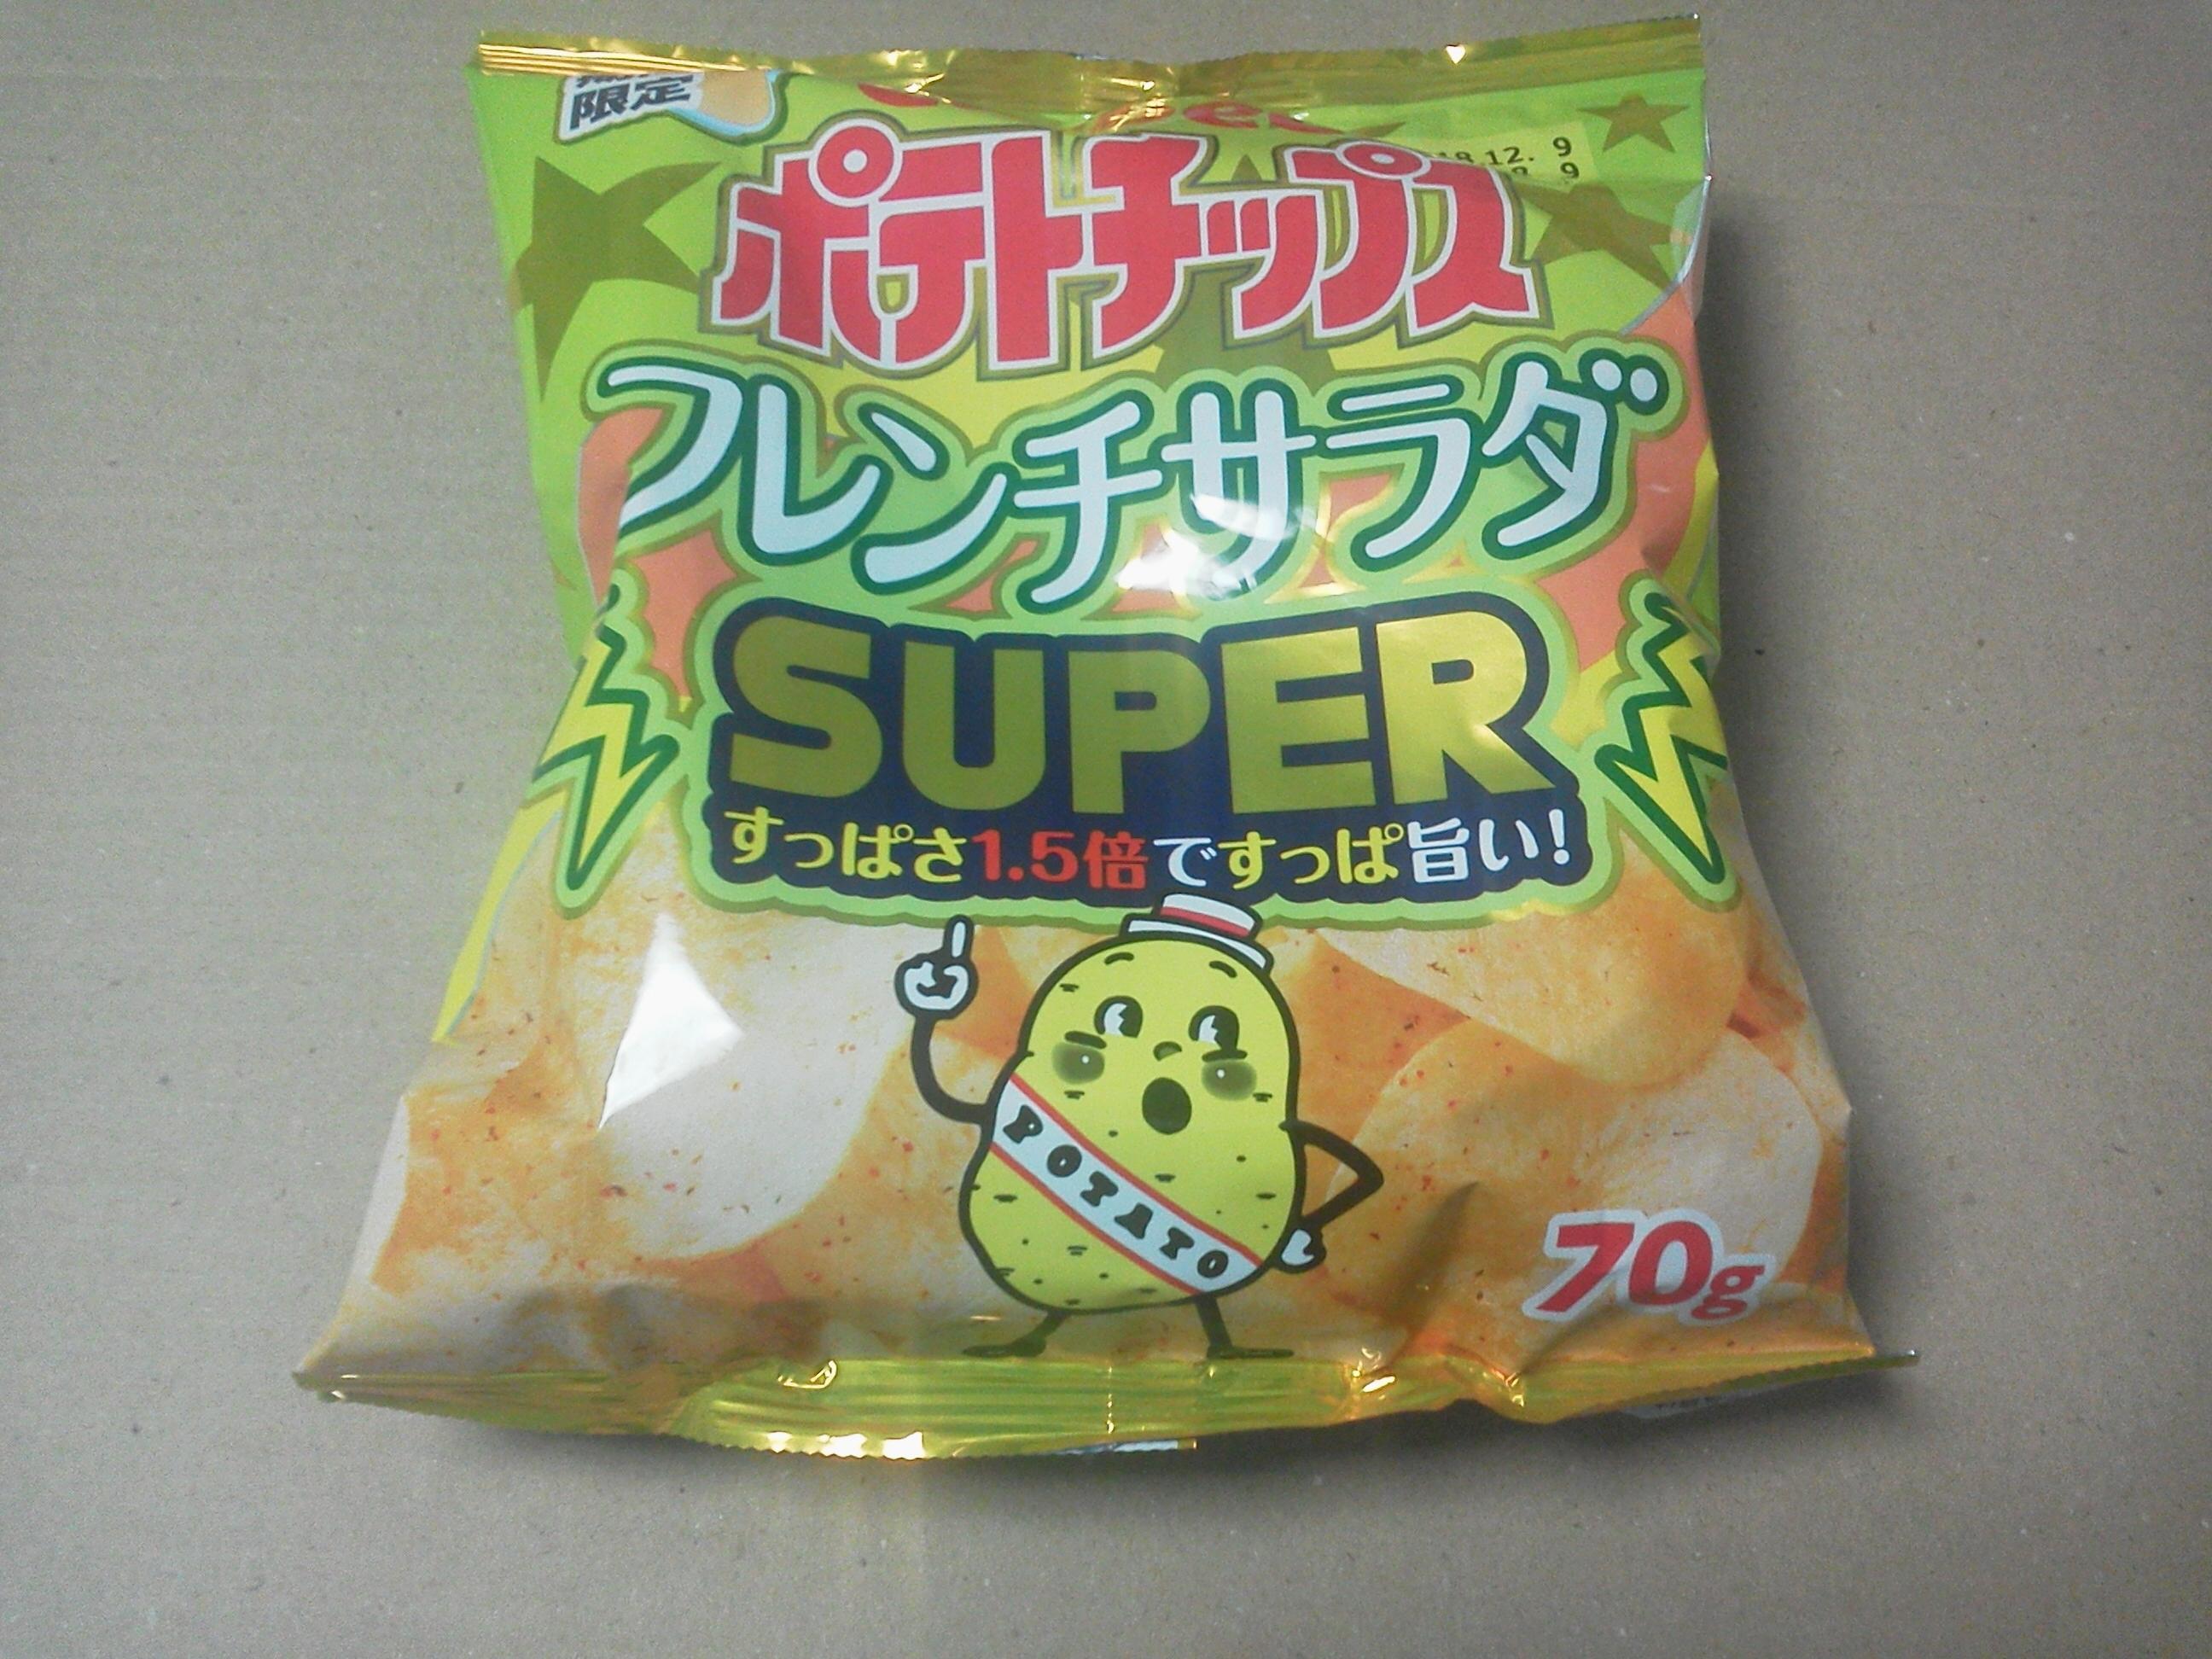 カルビー 「ポテトチップス フレンチサラダSUPER」